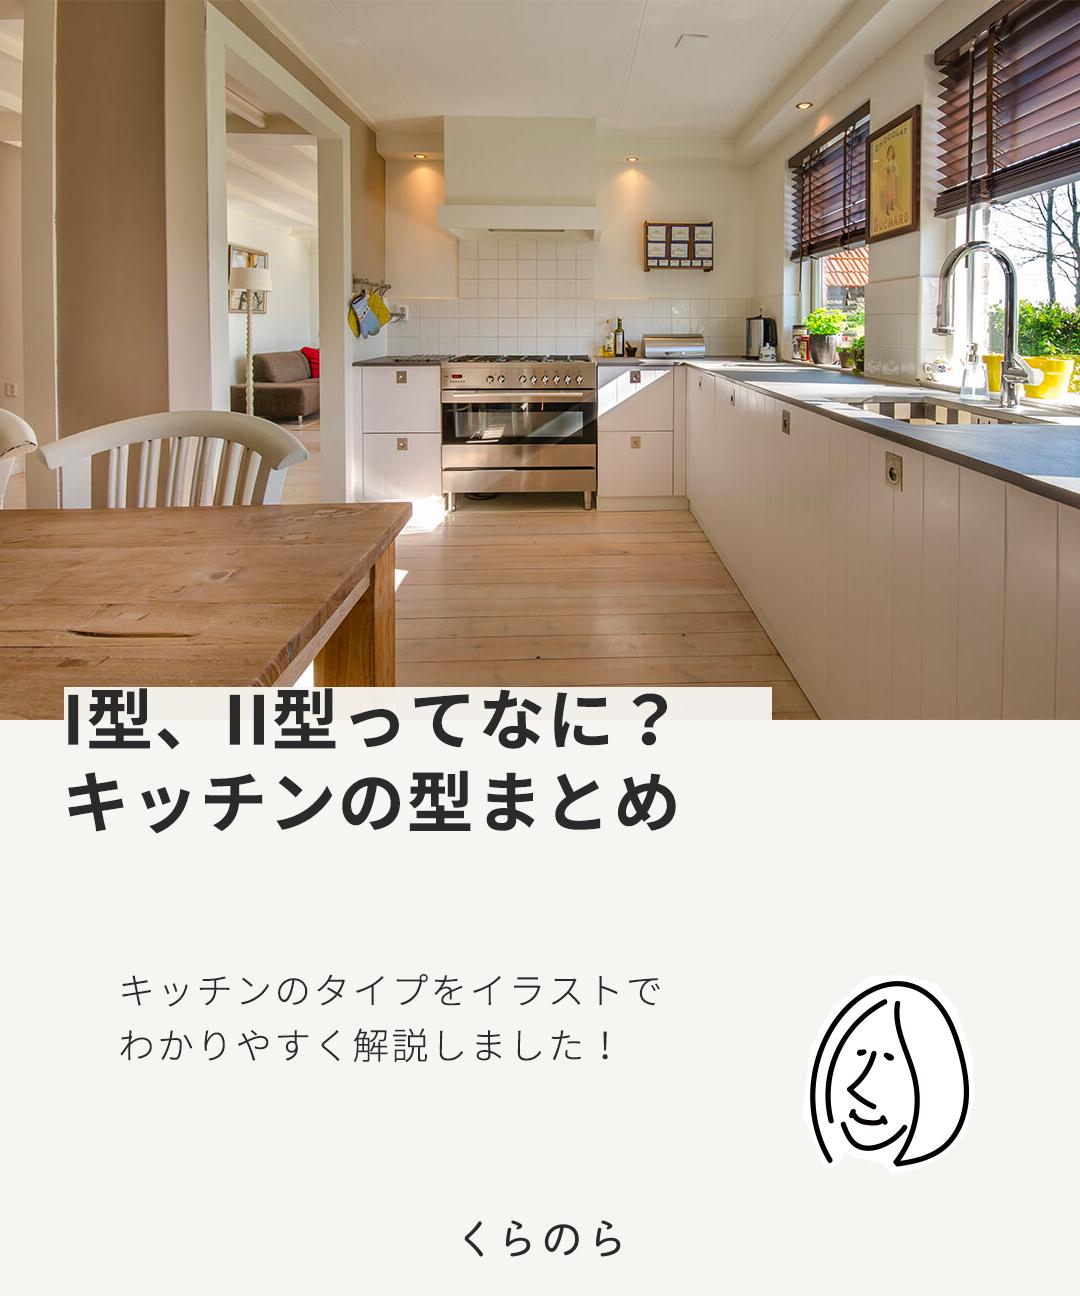 I型とii型の違い わかる キッチンの型をまとめました 画像あり